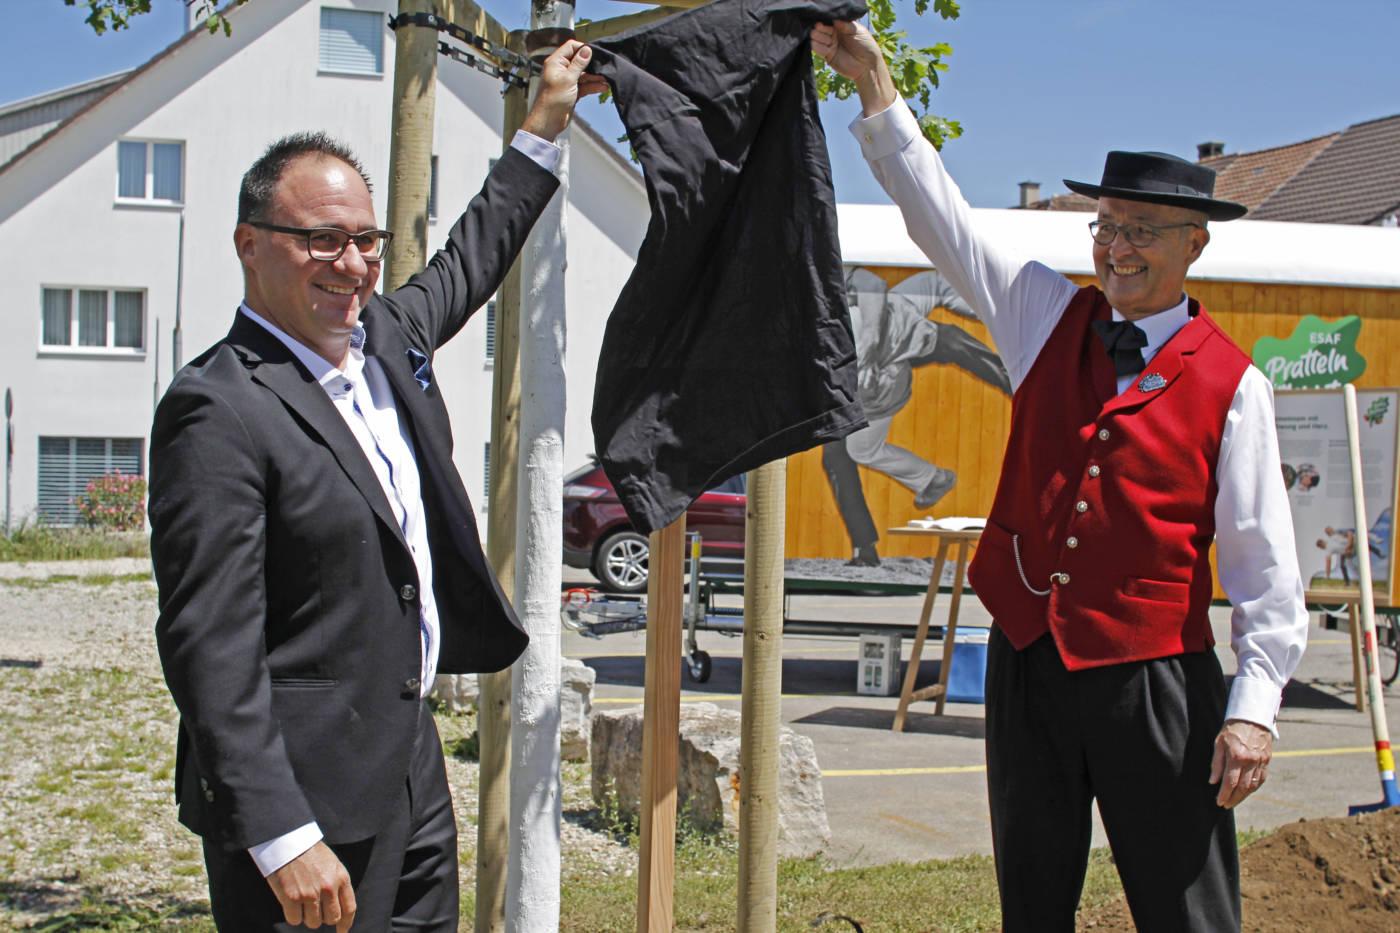 Eine Eiche für die Gemeinde Pratteln – Die Eiche wird feierlich der Gemeinde Pratteln übergeben  | Eidgenössisches Schwing- und Älplerfest Pratteln im Baselbiet | ESAF 2022